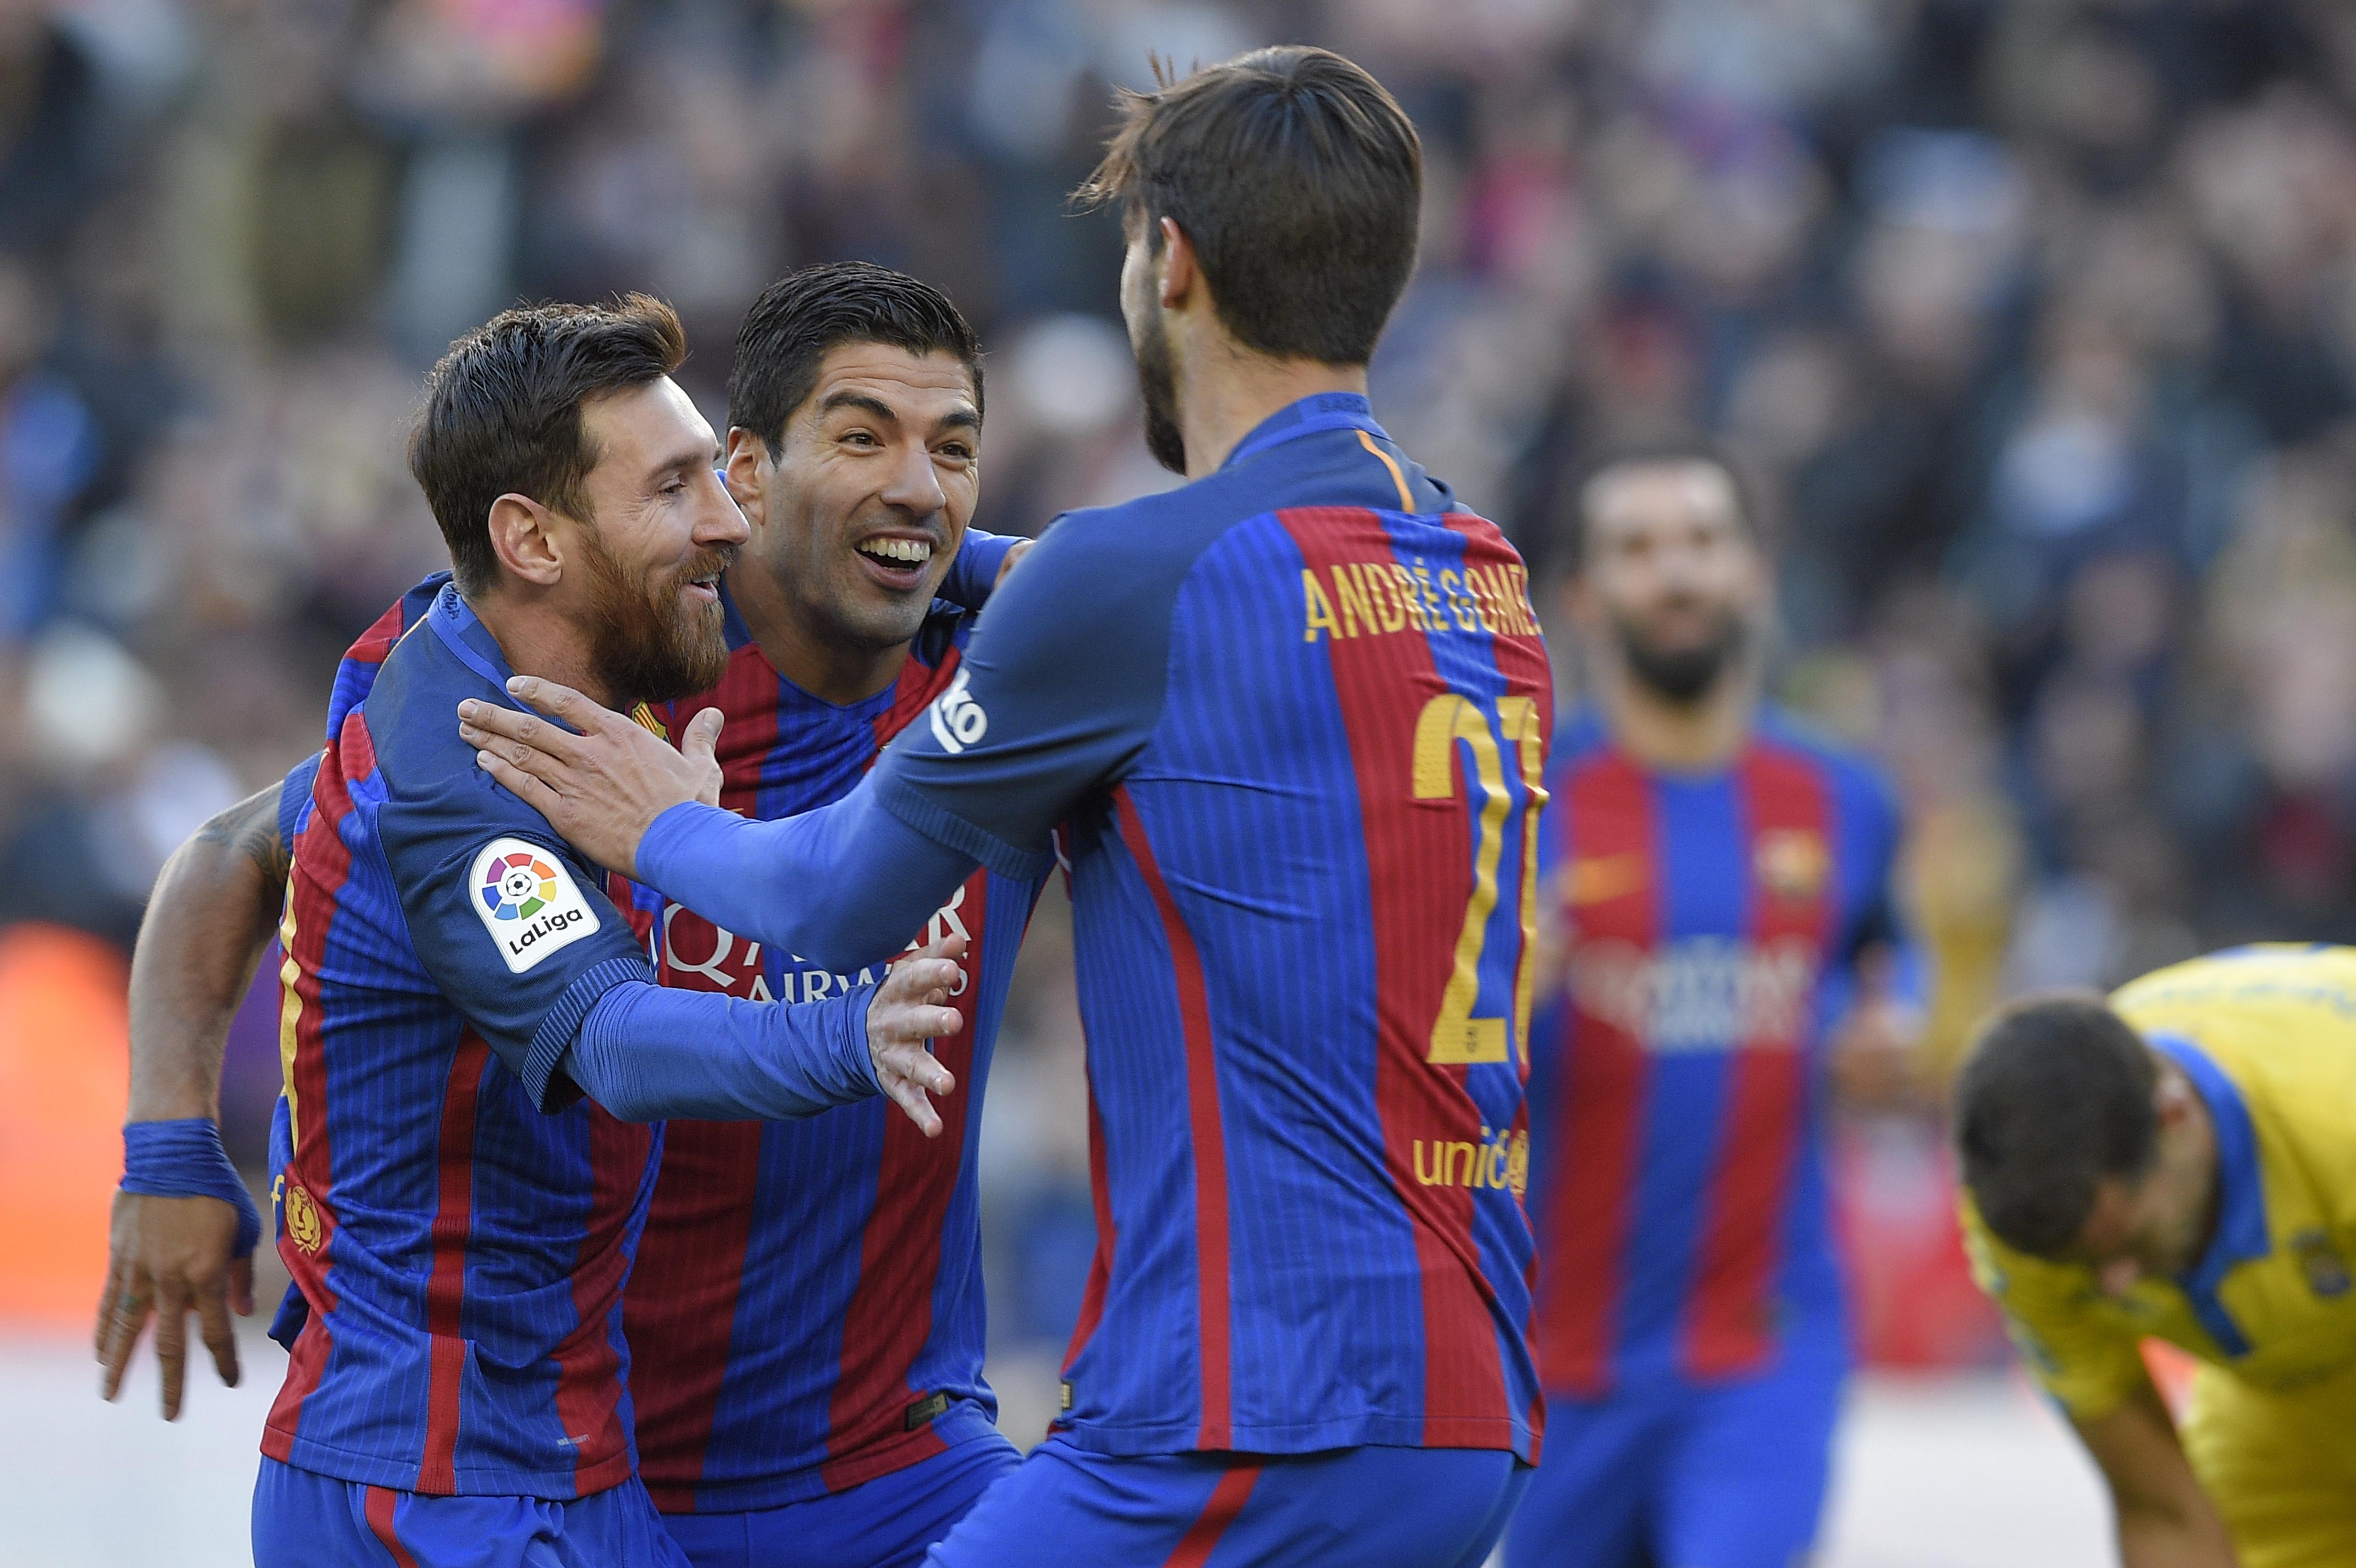 Los goles fueron de Luis Suárez (14') y (57'), Lionel Messi (52'), Arda Turan (58') y Aleix Vidal (80').